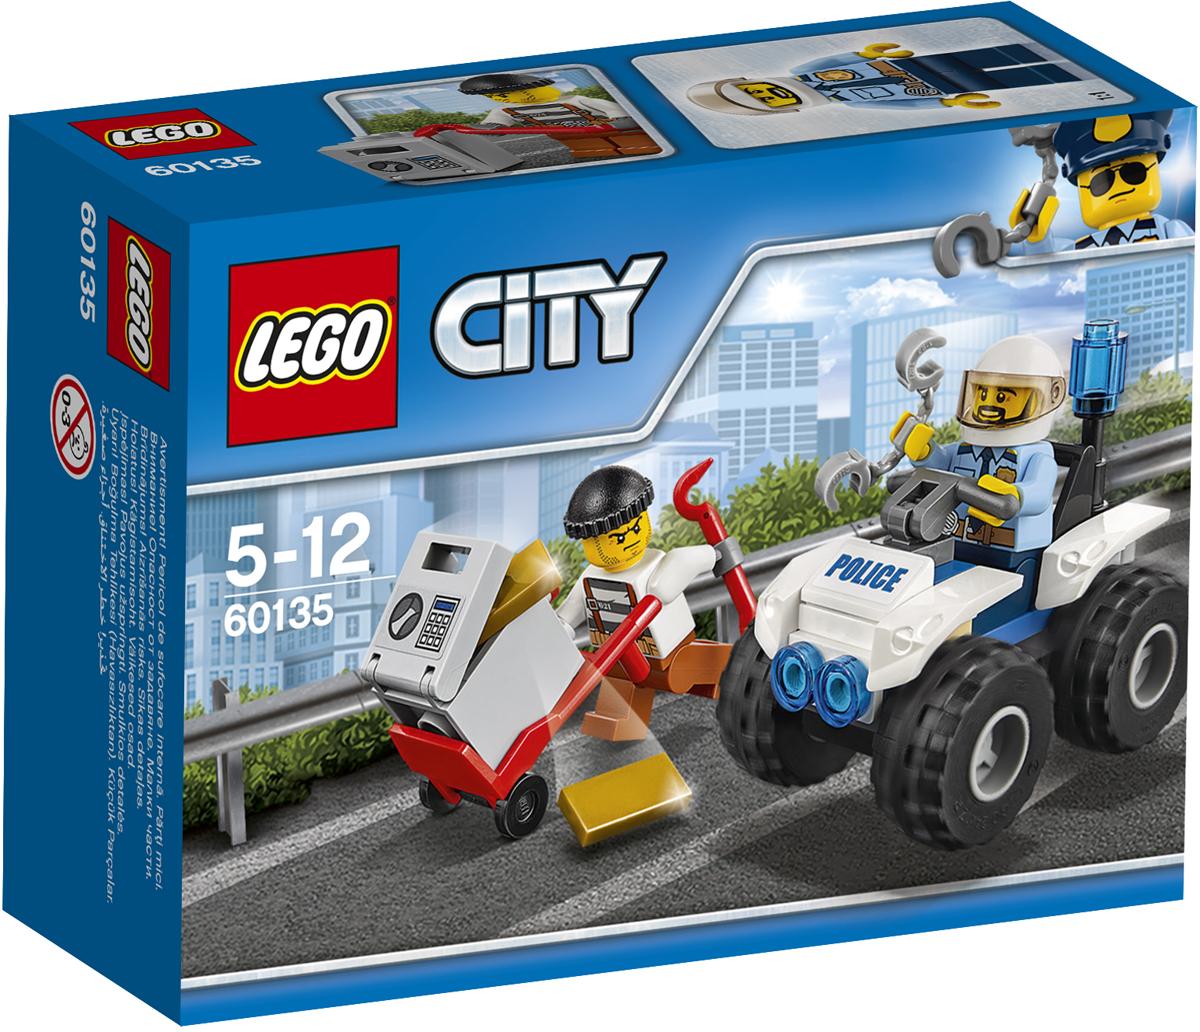 LEGO City Конструктор Полицейский квадроцикл 6013560135Тревога! Воришка убегает, прихватив с собой сейф с золотом! Помогите полицейскому догнать его на быстром полицейском квадроцикле и отправить в тюрьму, где ему самое место. С полицией LEGO City всегда происходят совершенно невероятные события! Набор включает в себя 47 разноцветных пластиковых элементов. Конструктор - это один из самых увлекательных и веселых способов времяпрепровождения. Ребенок сможет часами играть с конструктором, придумывая различные ситуации и истории.